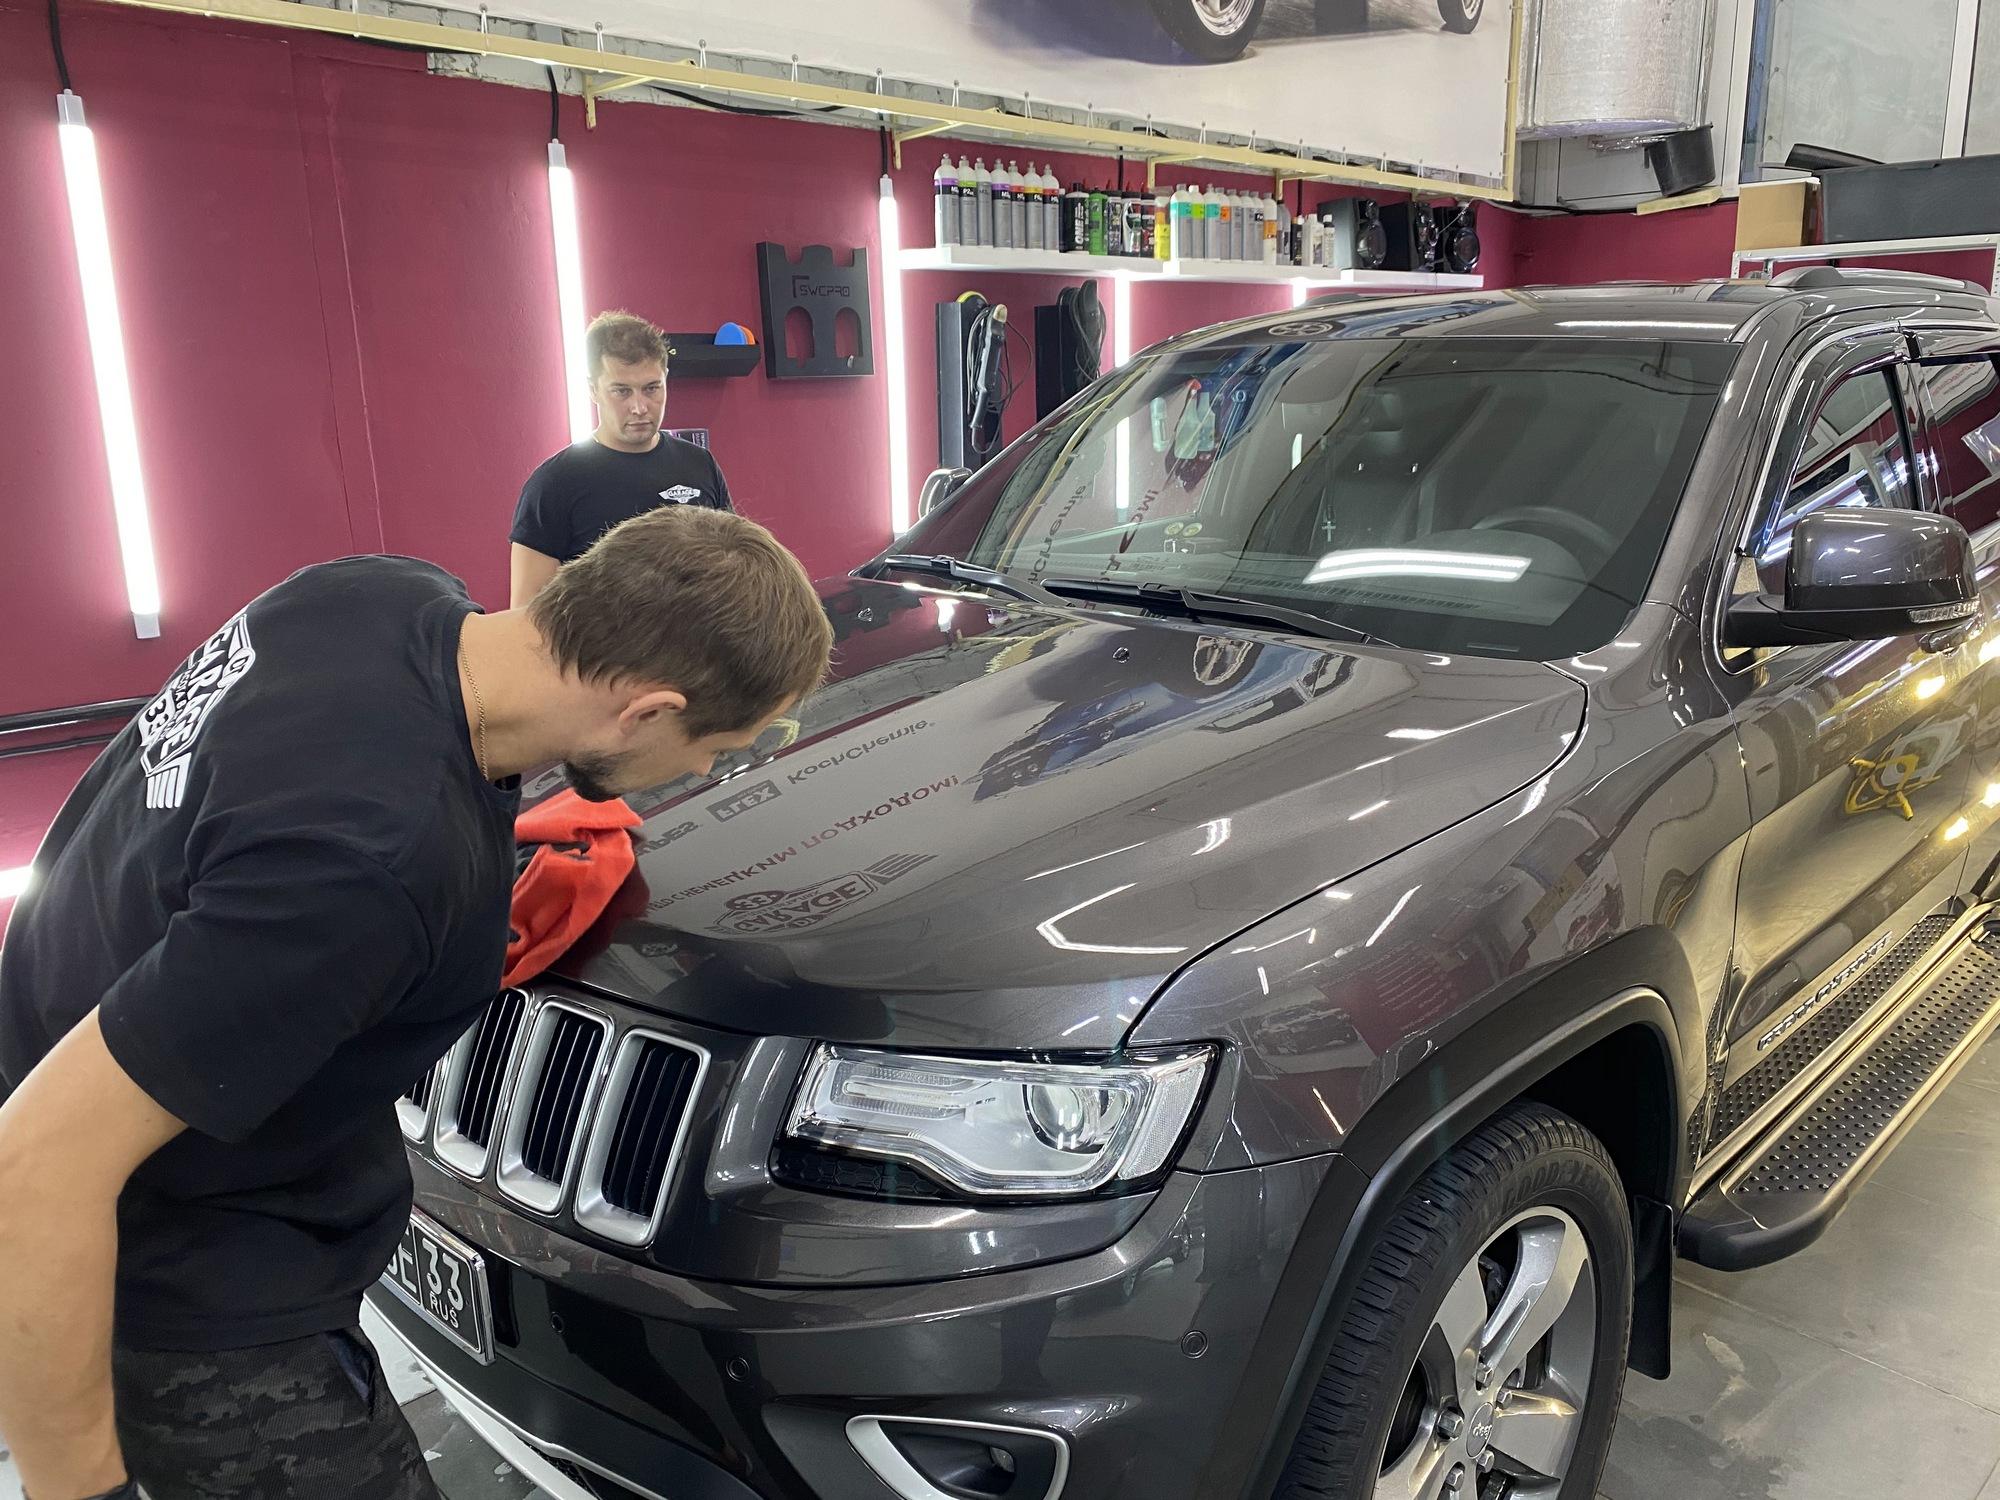 Смотреть на фото, как происходит обработка автомобиля защитой от воды и грязи.